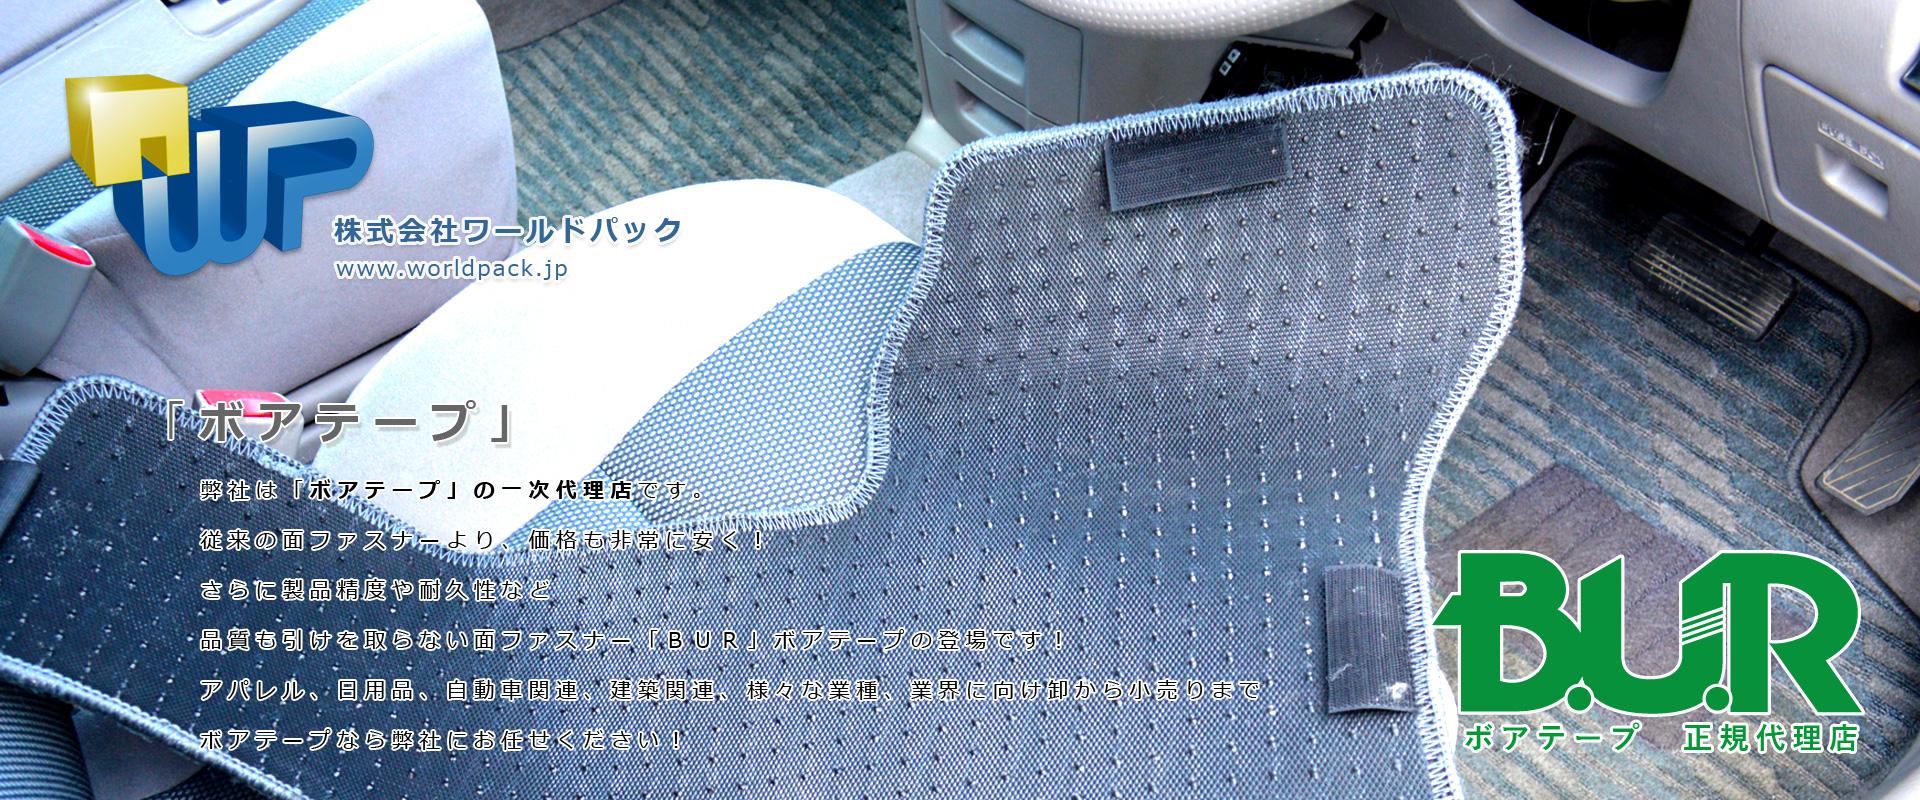 自動車 車などにも面ファスナー ボアテープ 衣料品、アパレル、梱包資材 株式会社ワールドパック